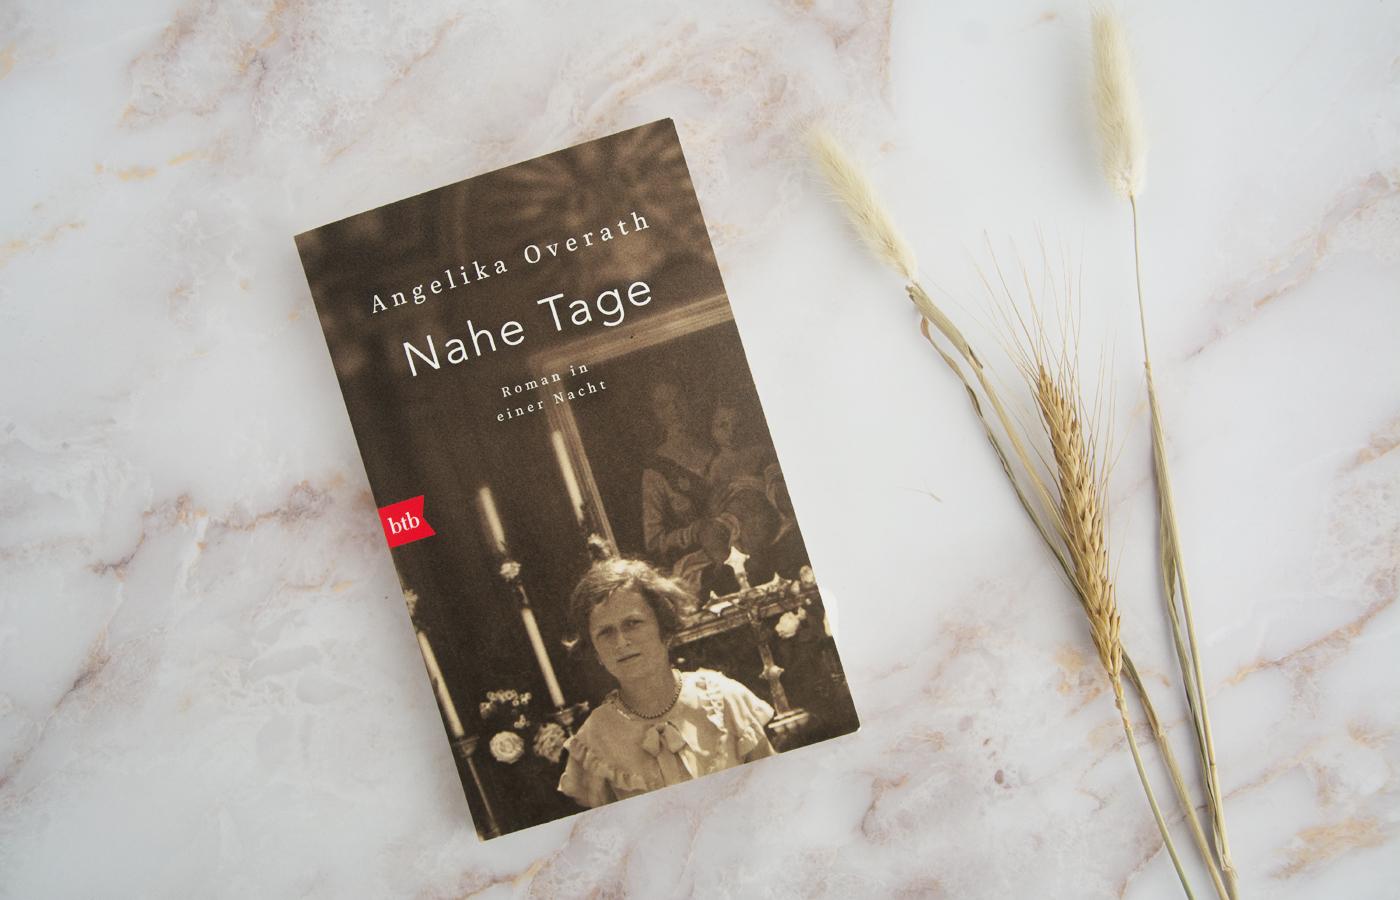 »Nahe Tage – Roman in einer Nacht« von Angelika Overath